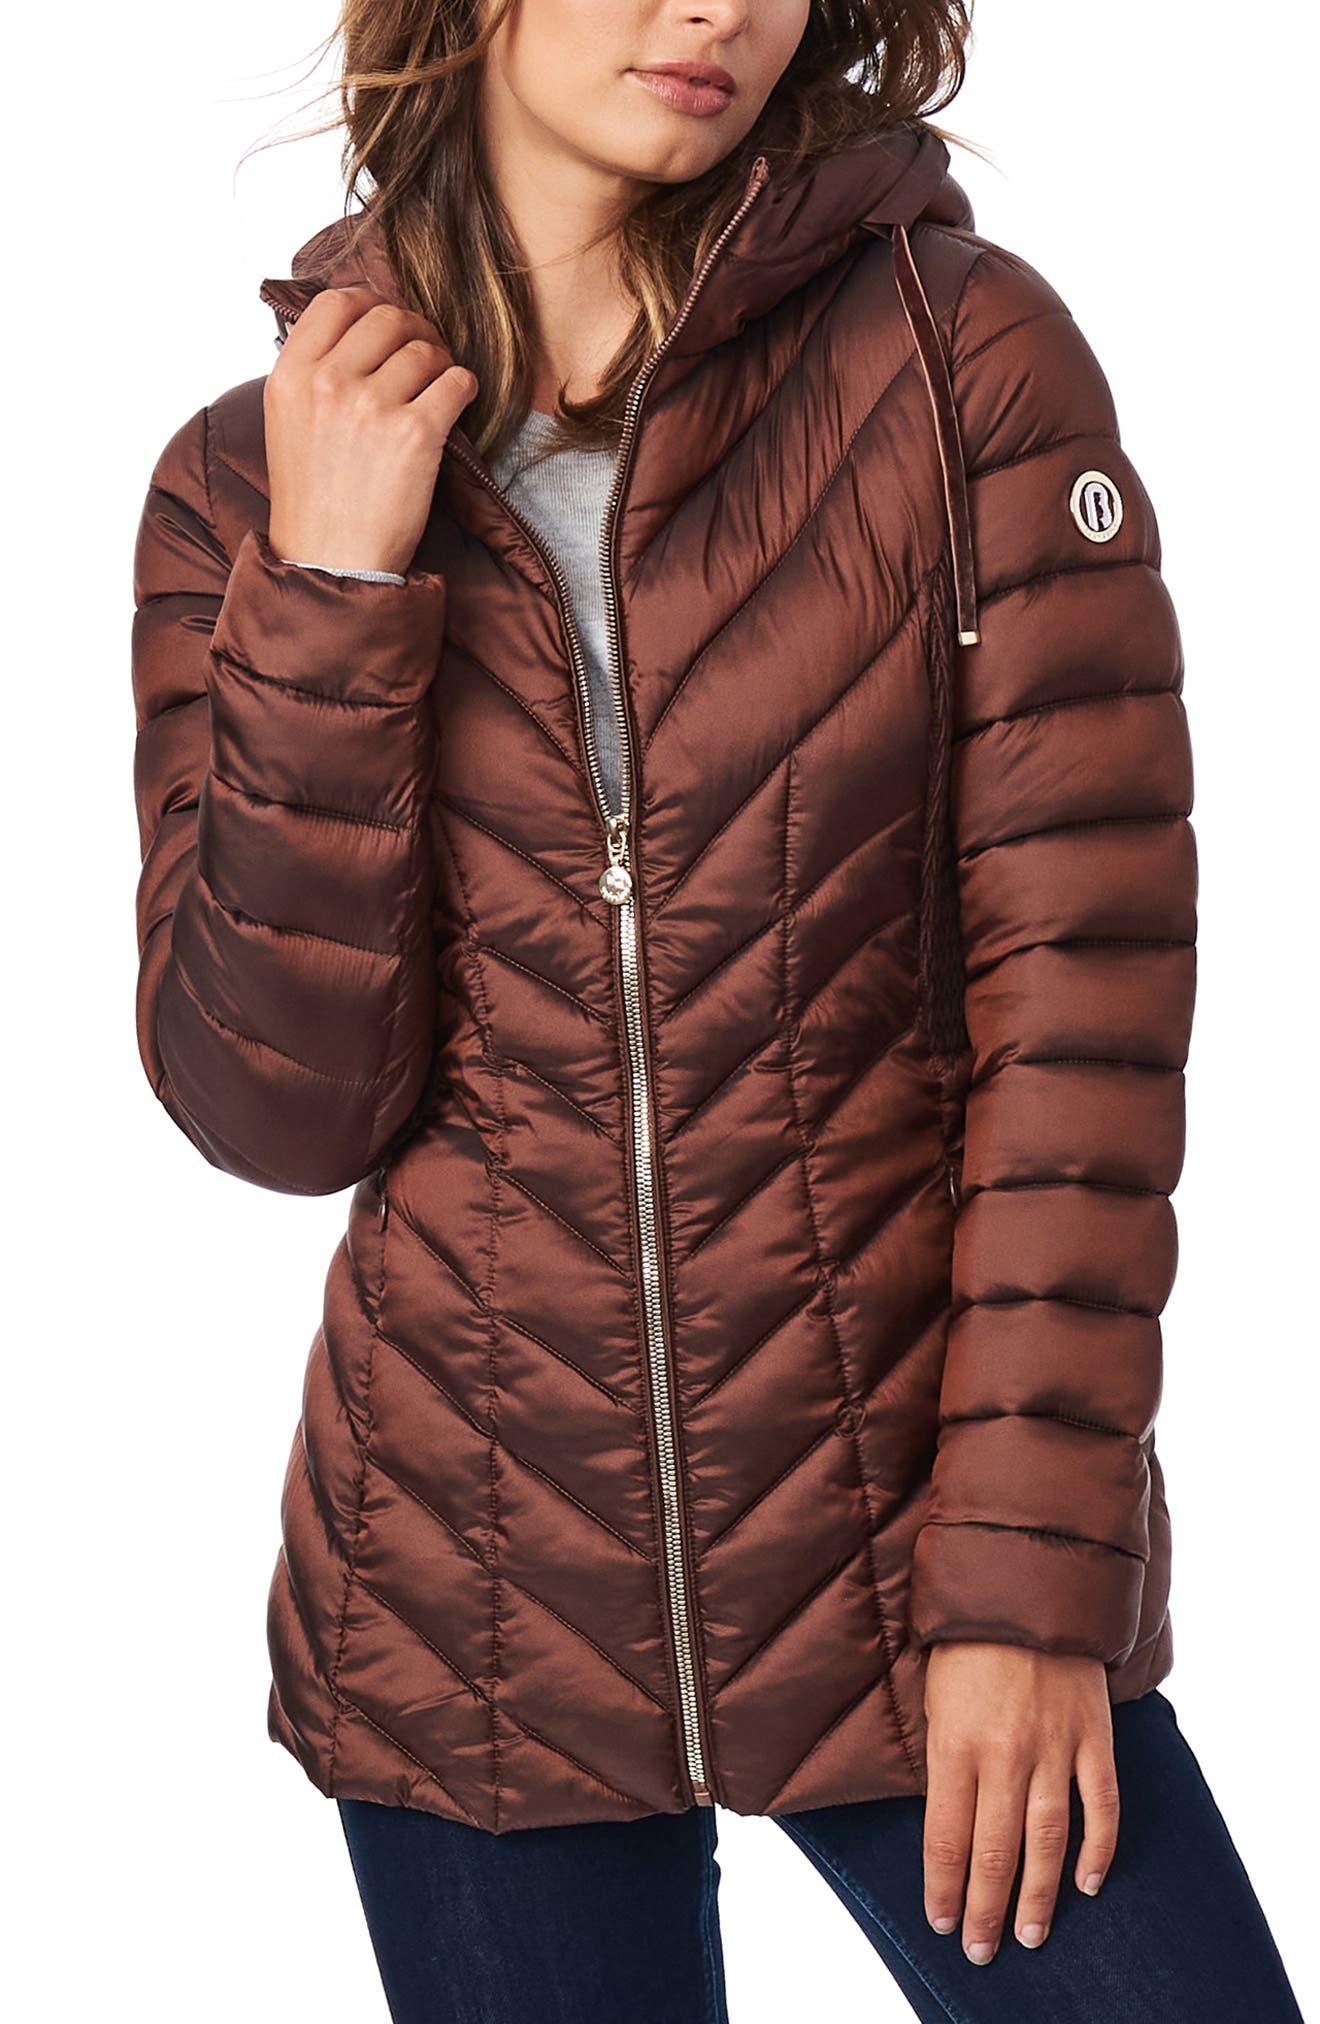 Ecoplume(TM) Hooded Packable Puffer Jacket